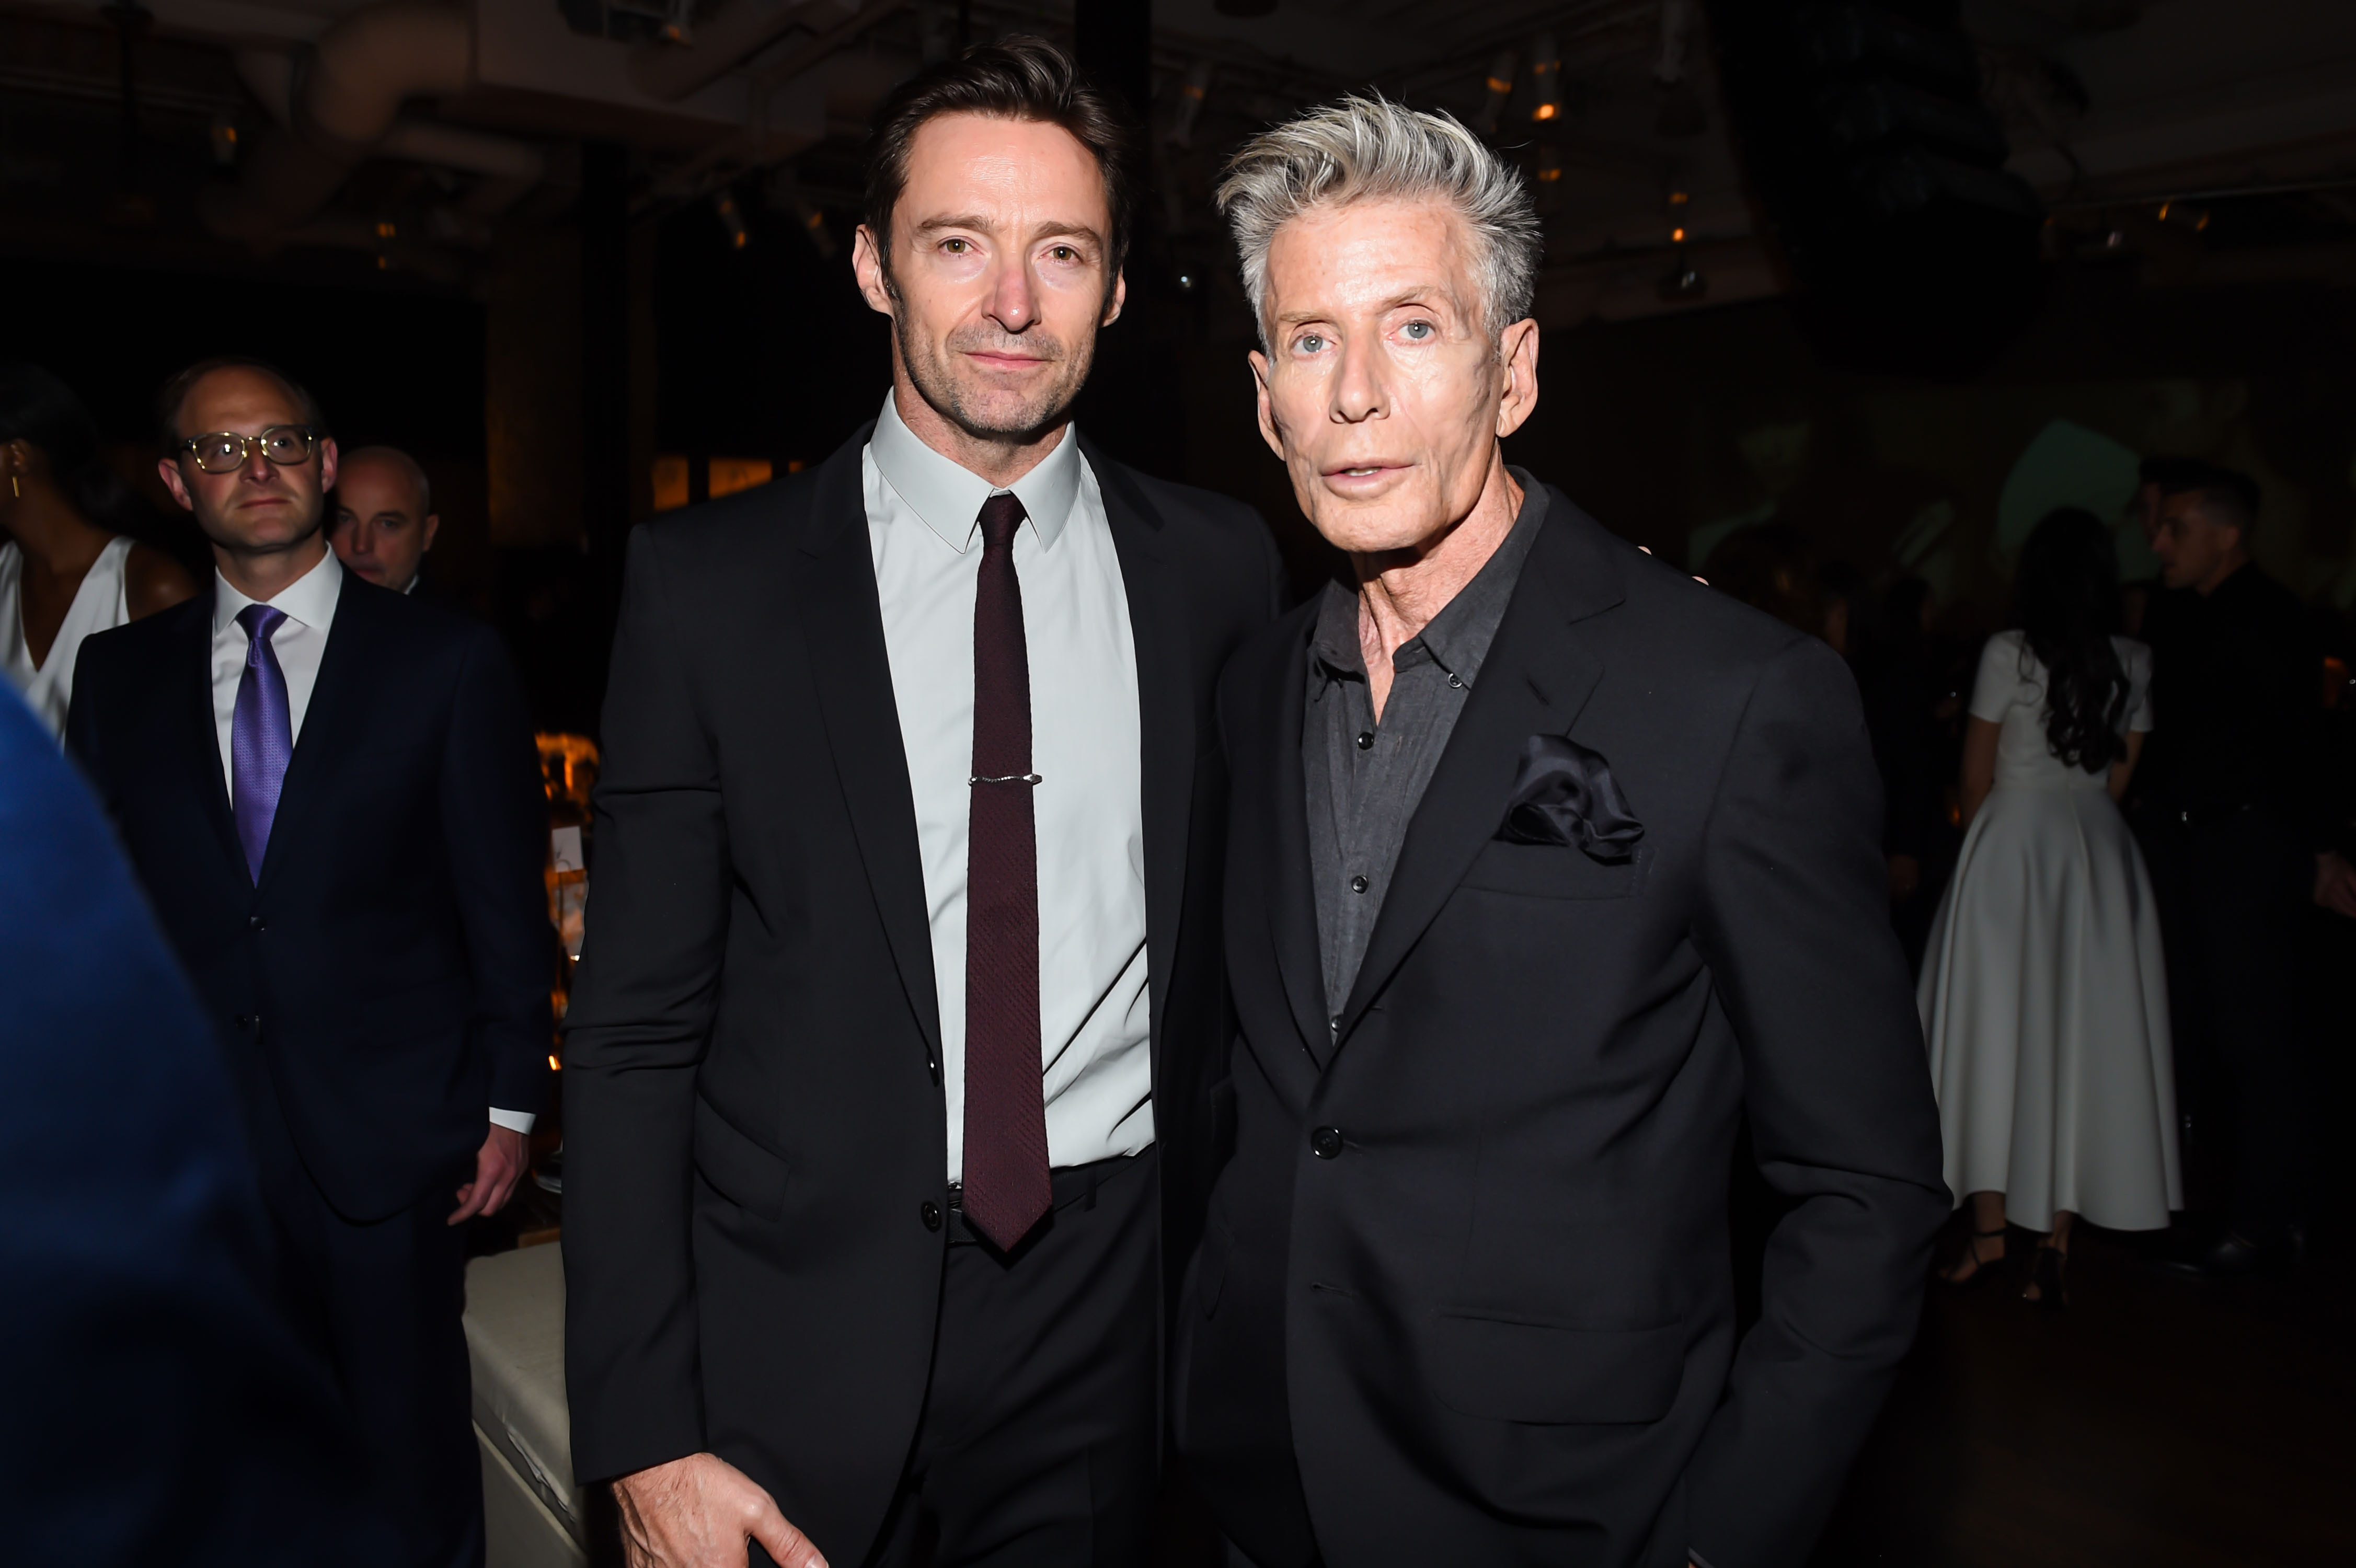 Hugh Jackman and Calvin Klein attend the Donna Karan Urban Zen Foundation Dinner in New York City on June 7, 2017.